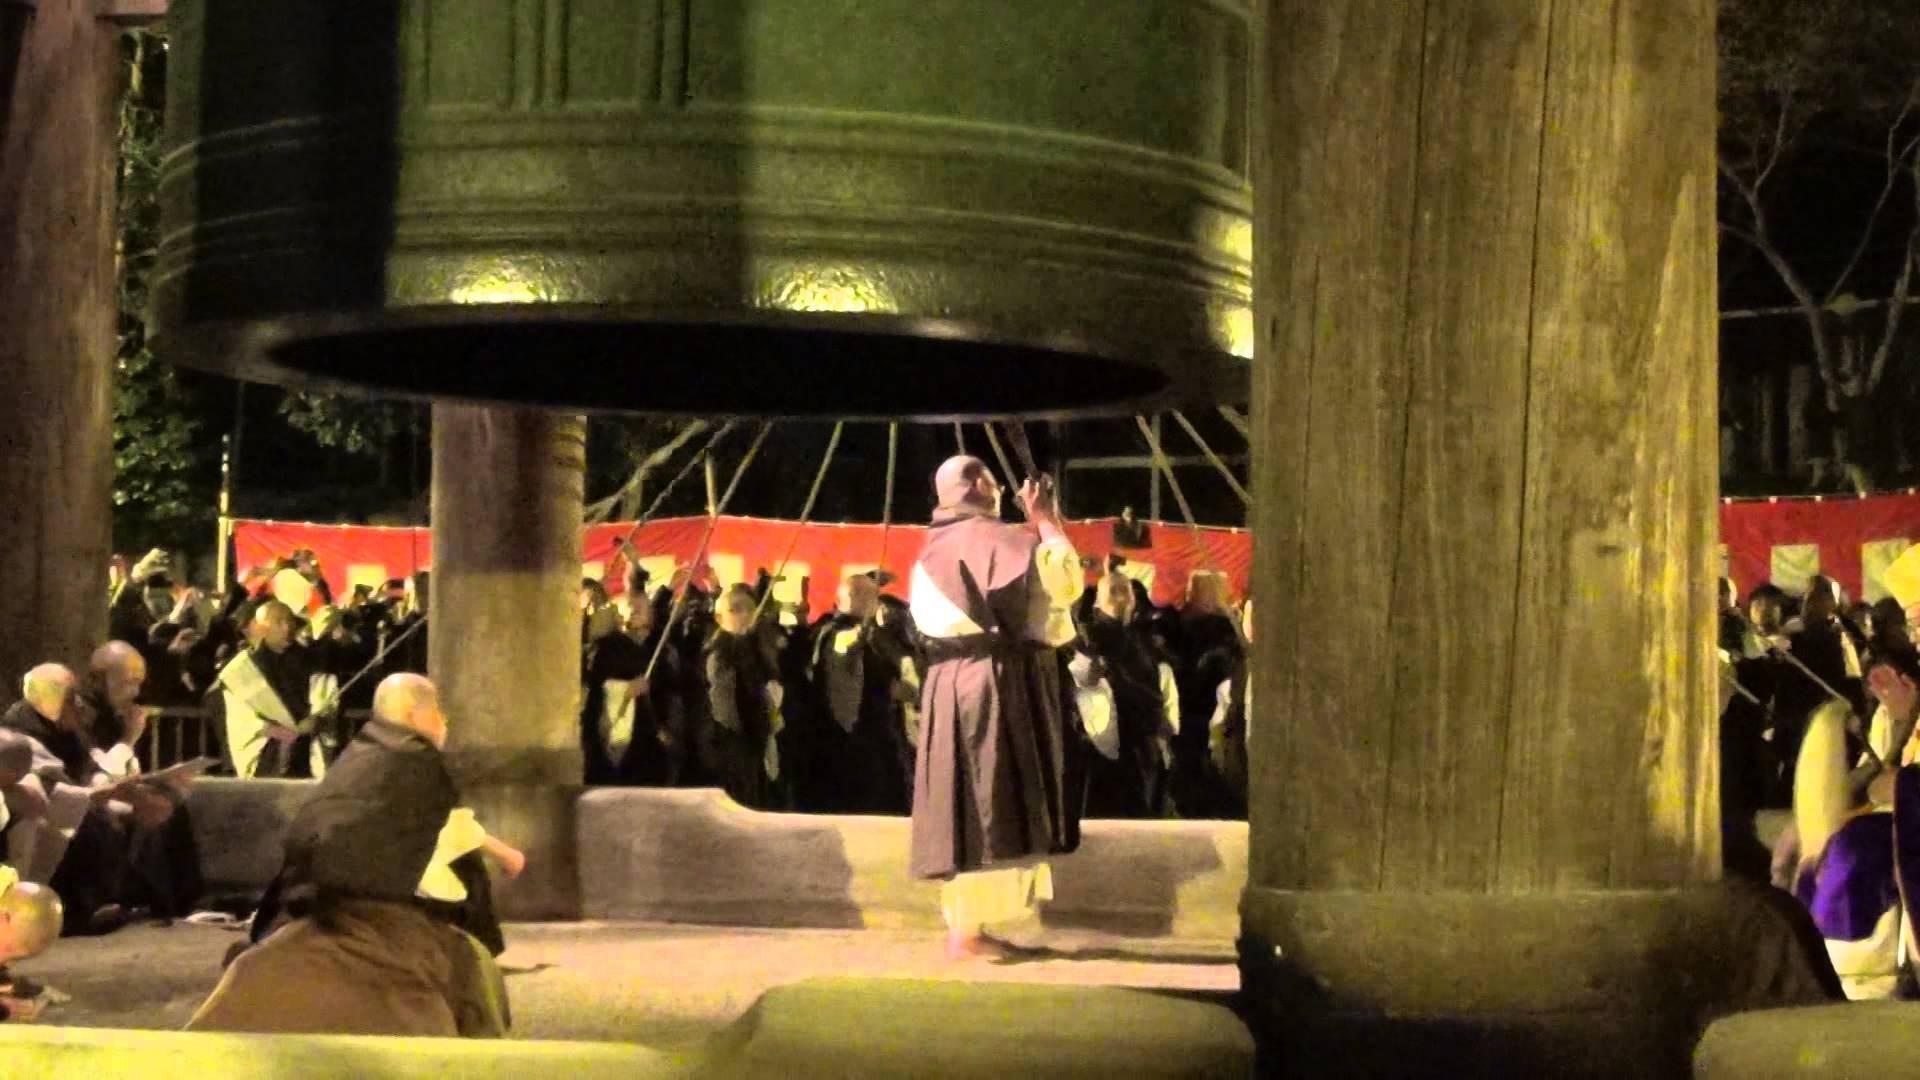 知恩院「除夜の鐘」編3 僧侶さまの「バック鐘アタック」がさく裂し、煩悩退散